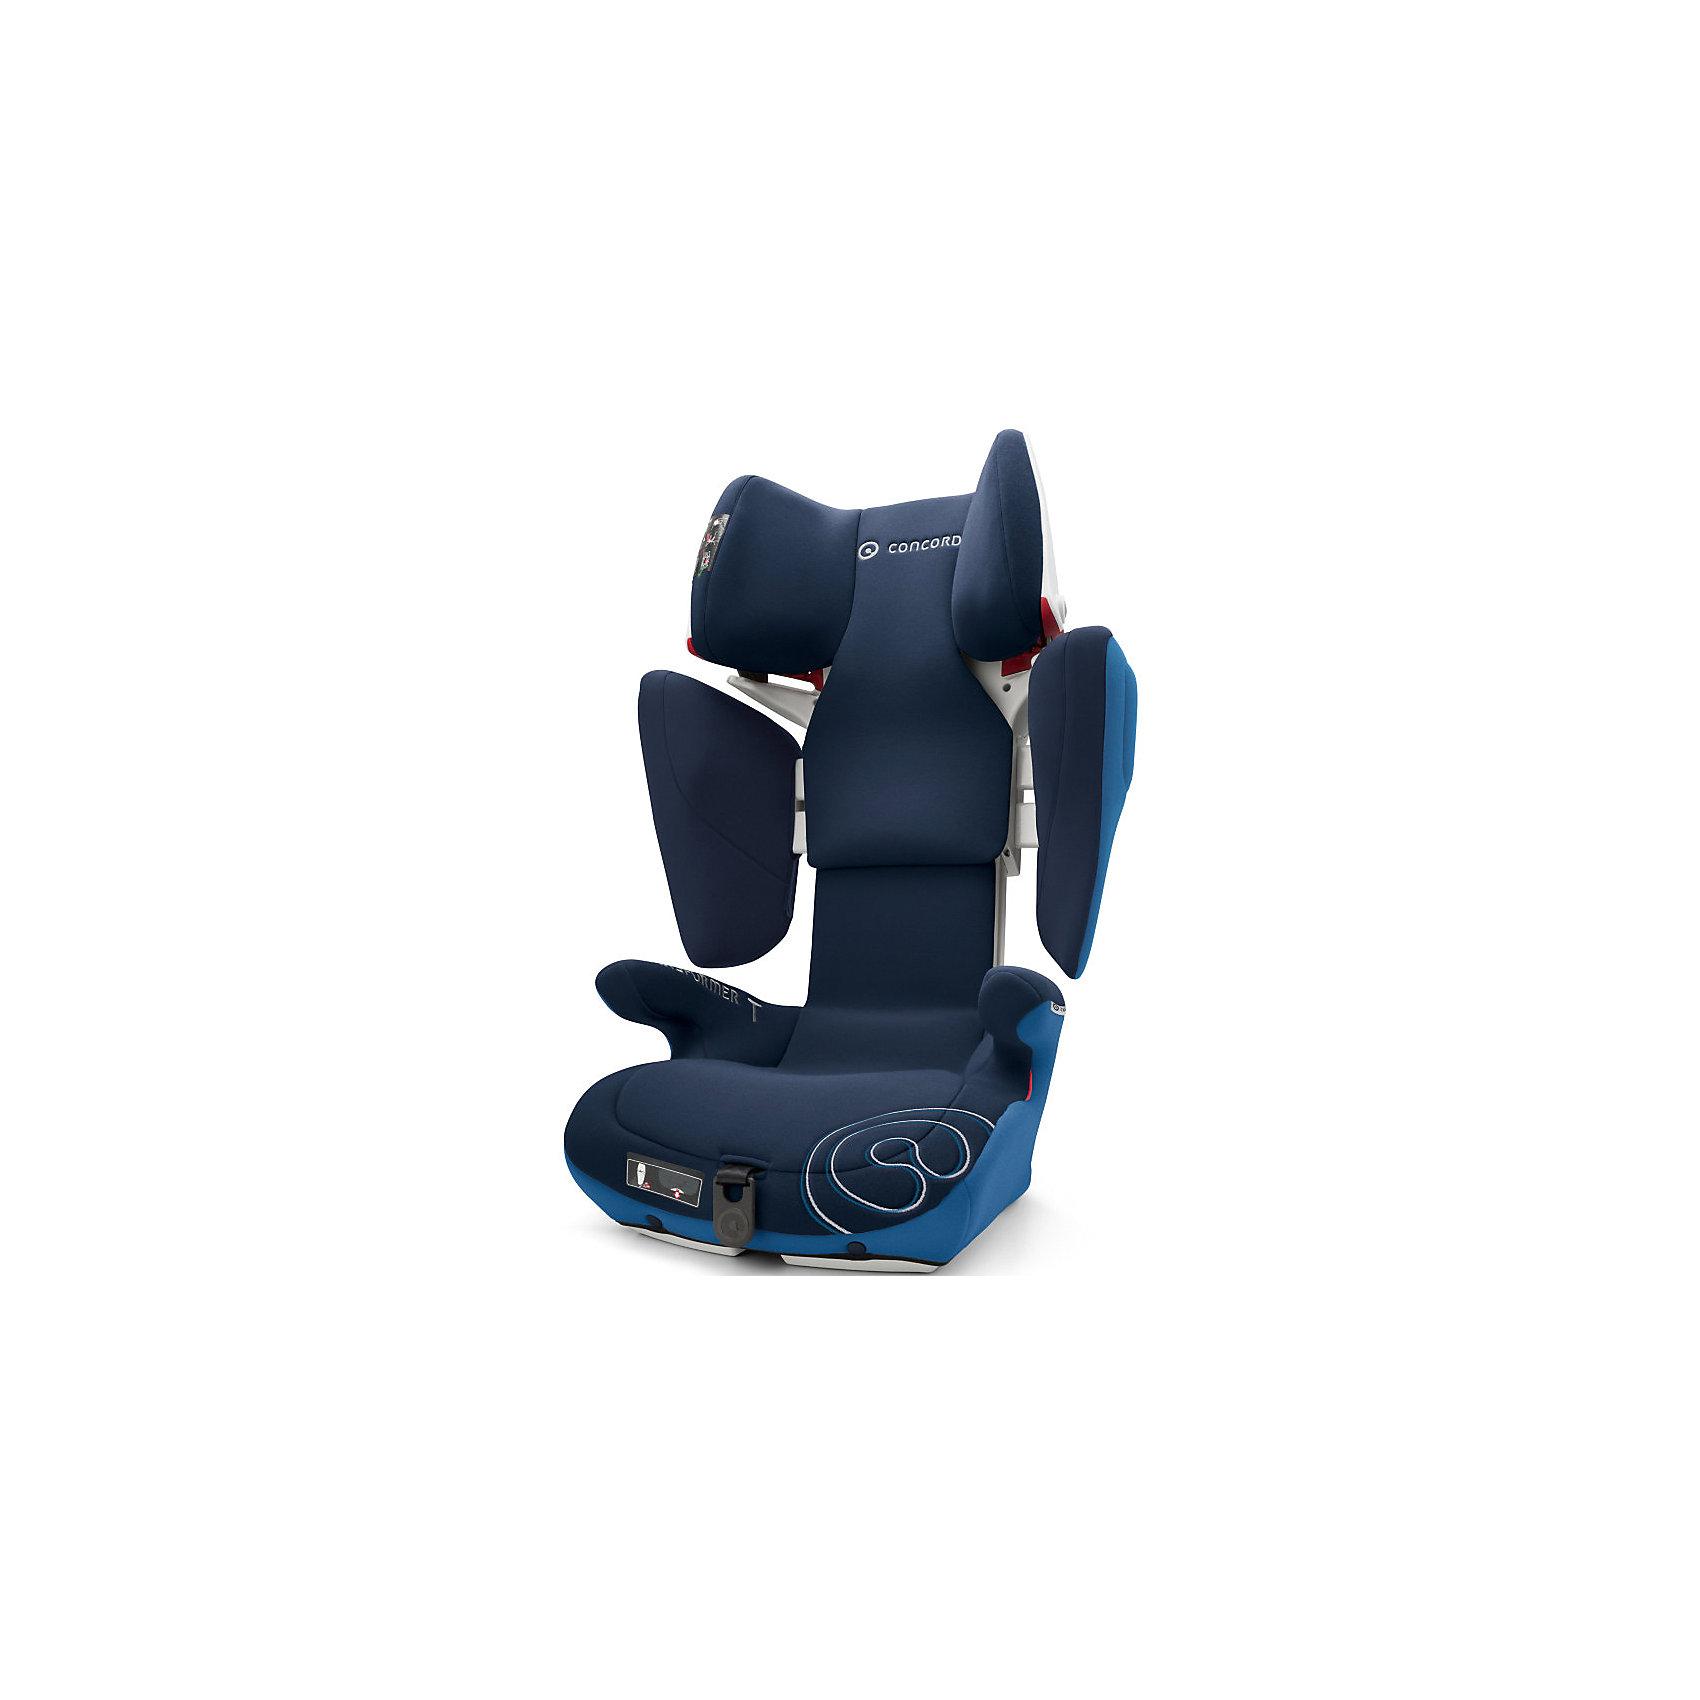 Автокресло Transformer T, 15-36 кг., Concord, Ocean Blue 2016Безопасное, комфортное автомобильное кресло Transformer T, Concord отличается современным дизайном, прочной подуманной конструкцией и системой регулировок. Компактная форма ракушки, объемные боковины, защитный корпус с двойными стенками обеспечивают исключительную безопасность и оптимальную защиту в случае бокового удара. Мягкие большие подлокотники, мягкое сидение, дополнительная смягчающая сиденье вставка идеально подходят для комфортного путешествия. За счёт использования пневмо-механизма увеличить высоту подголовника (20 положений)  и расширить боковины можно нажатием на одну кнопку. Автокресло крепится в автомобиле с помощью штатного ремня безопасности автомобиля к скобам Isofix автомобиля. Красные направляющие позволят правильно расположить ремни. Направляющие автомобильного ремня в подголовнике пропускают ремень только в одну сторону, исключая его самопроизвольное выпадение. В автокреслах Transformer T, Concord использована концепция TRIZONE, за счет которой сочетаются разные типы тканей обивки. В нижней части кресла используются износостойкие материалы, в средней части используются материалы большой пропускной способности, для обеспечения хорошей вентиляции, в местах соприкосновения с кожей ребенка используется мягкая и деликатная ткань. Обивка из высококачественных материалов, легко снимается и стирается в режиме деликатной стирки при температуре 30 градусах.<br><br>Дополнительная информация:<br><br>- Группа 2-3 от 3 до 12 лет (15-36 кг)<br>- Размер в минимальной позиции: 46 х 49 х 62 см.<br>- Размер в максимальной позиции: 46 х 55 х 82 см.<br>- Вес: 7,7 кг.<br>- Направление установки: по ходу движения автомобиля<br>- Соответствует стандарту ECE R 44/04<br>- Автокресло Transformer T Concord по результатам испытаний Eurotest, проводимых Stiftung Warentest, а также организациями ?AMTC и ADAC (ведущие организации, проверяющие надежность и качество детских автомобильных кресел) является победителем в 